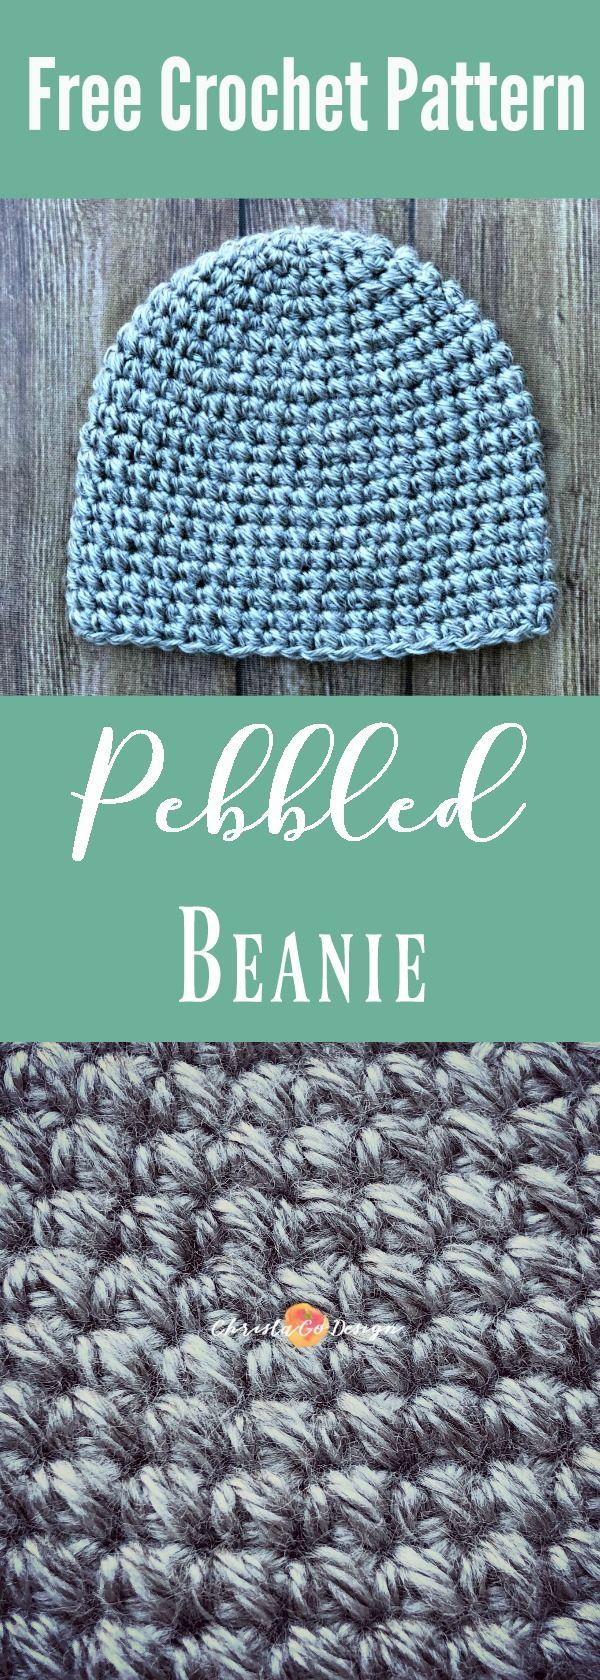 all sizes crochet hat, free crochet hat pattern, free hat crochet pattern, mini bean stitch, mini bean crochet stitch, mini bean stitch hat pattern, pebbled beanie crochet, free hat pattern